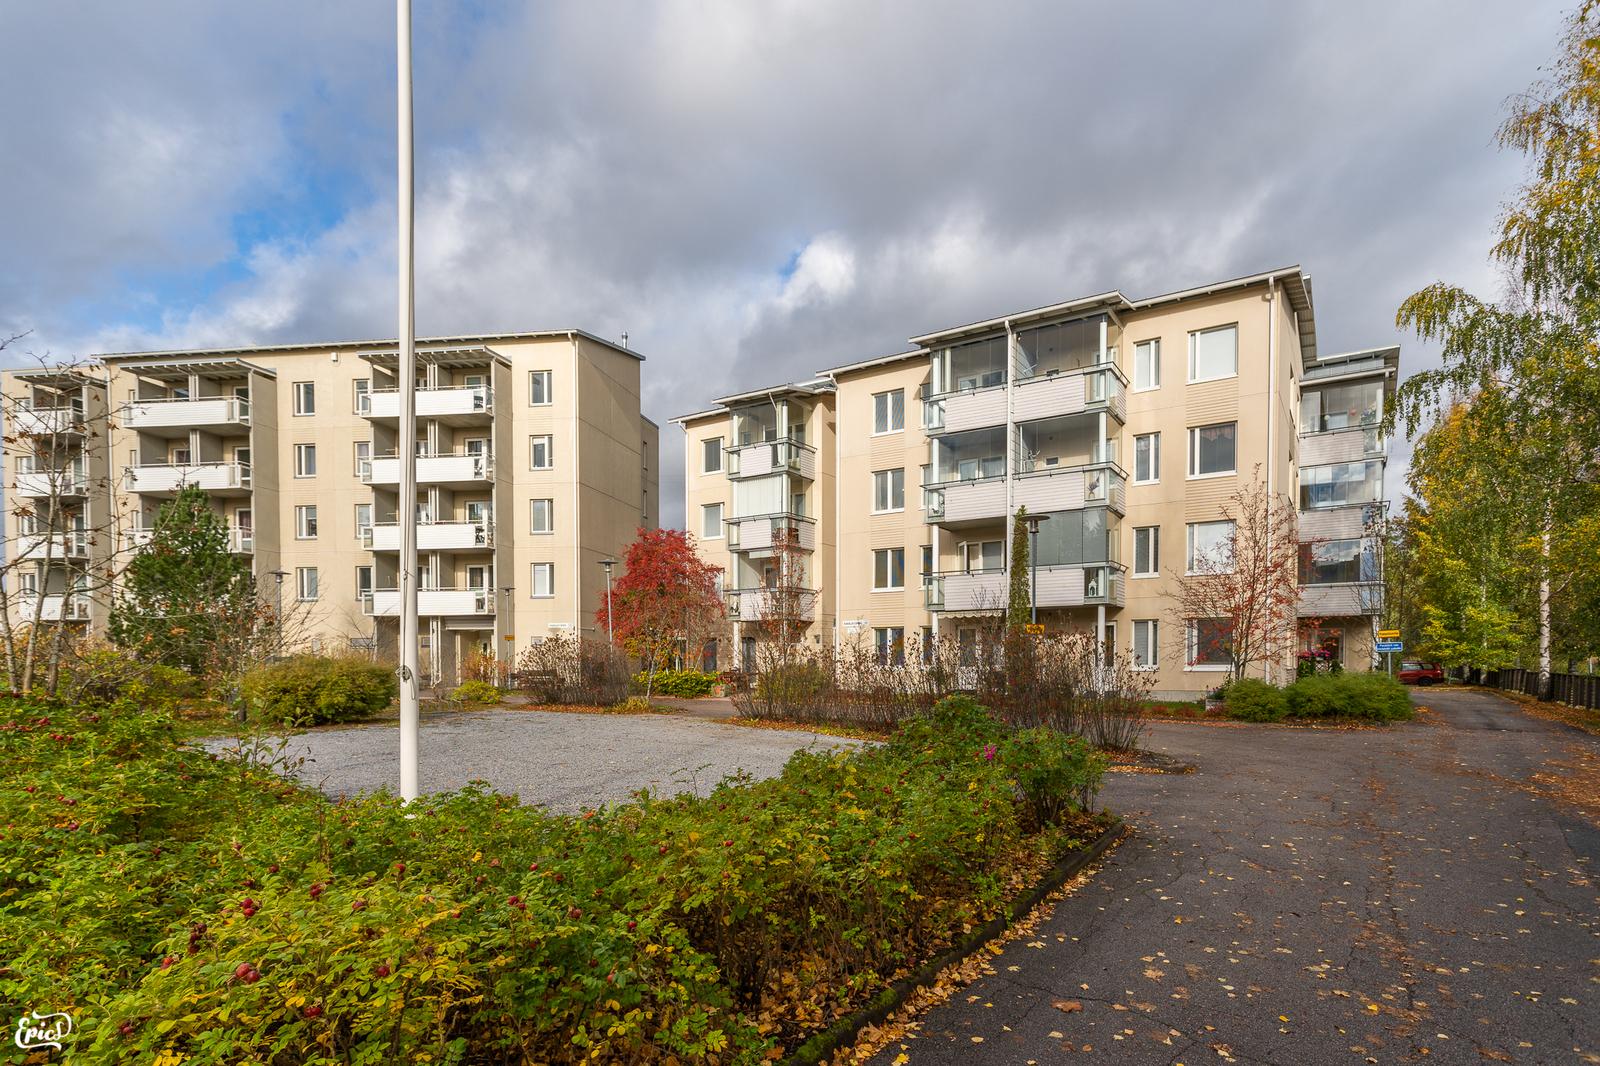 Tohloppi, Tampere